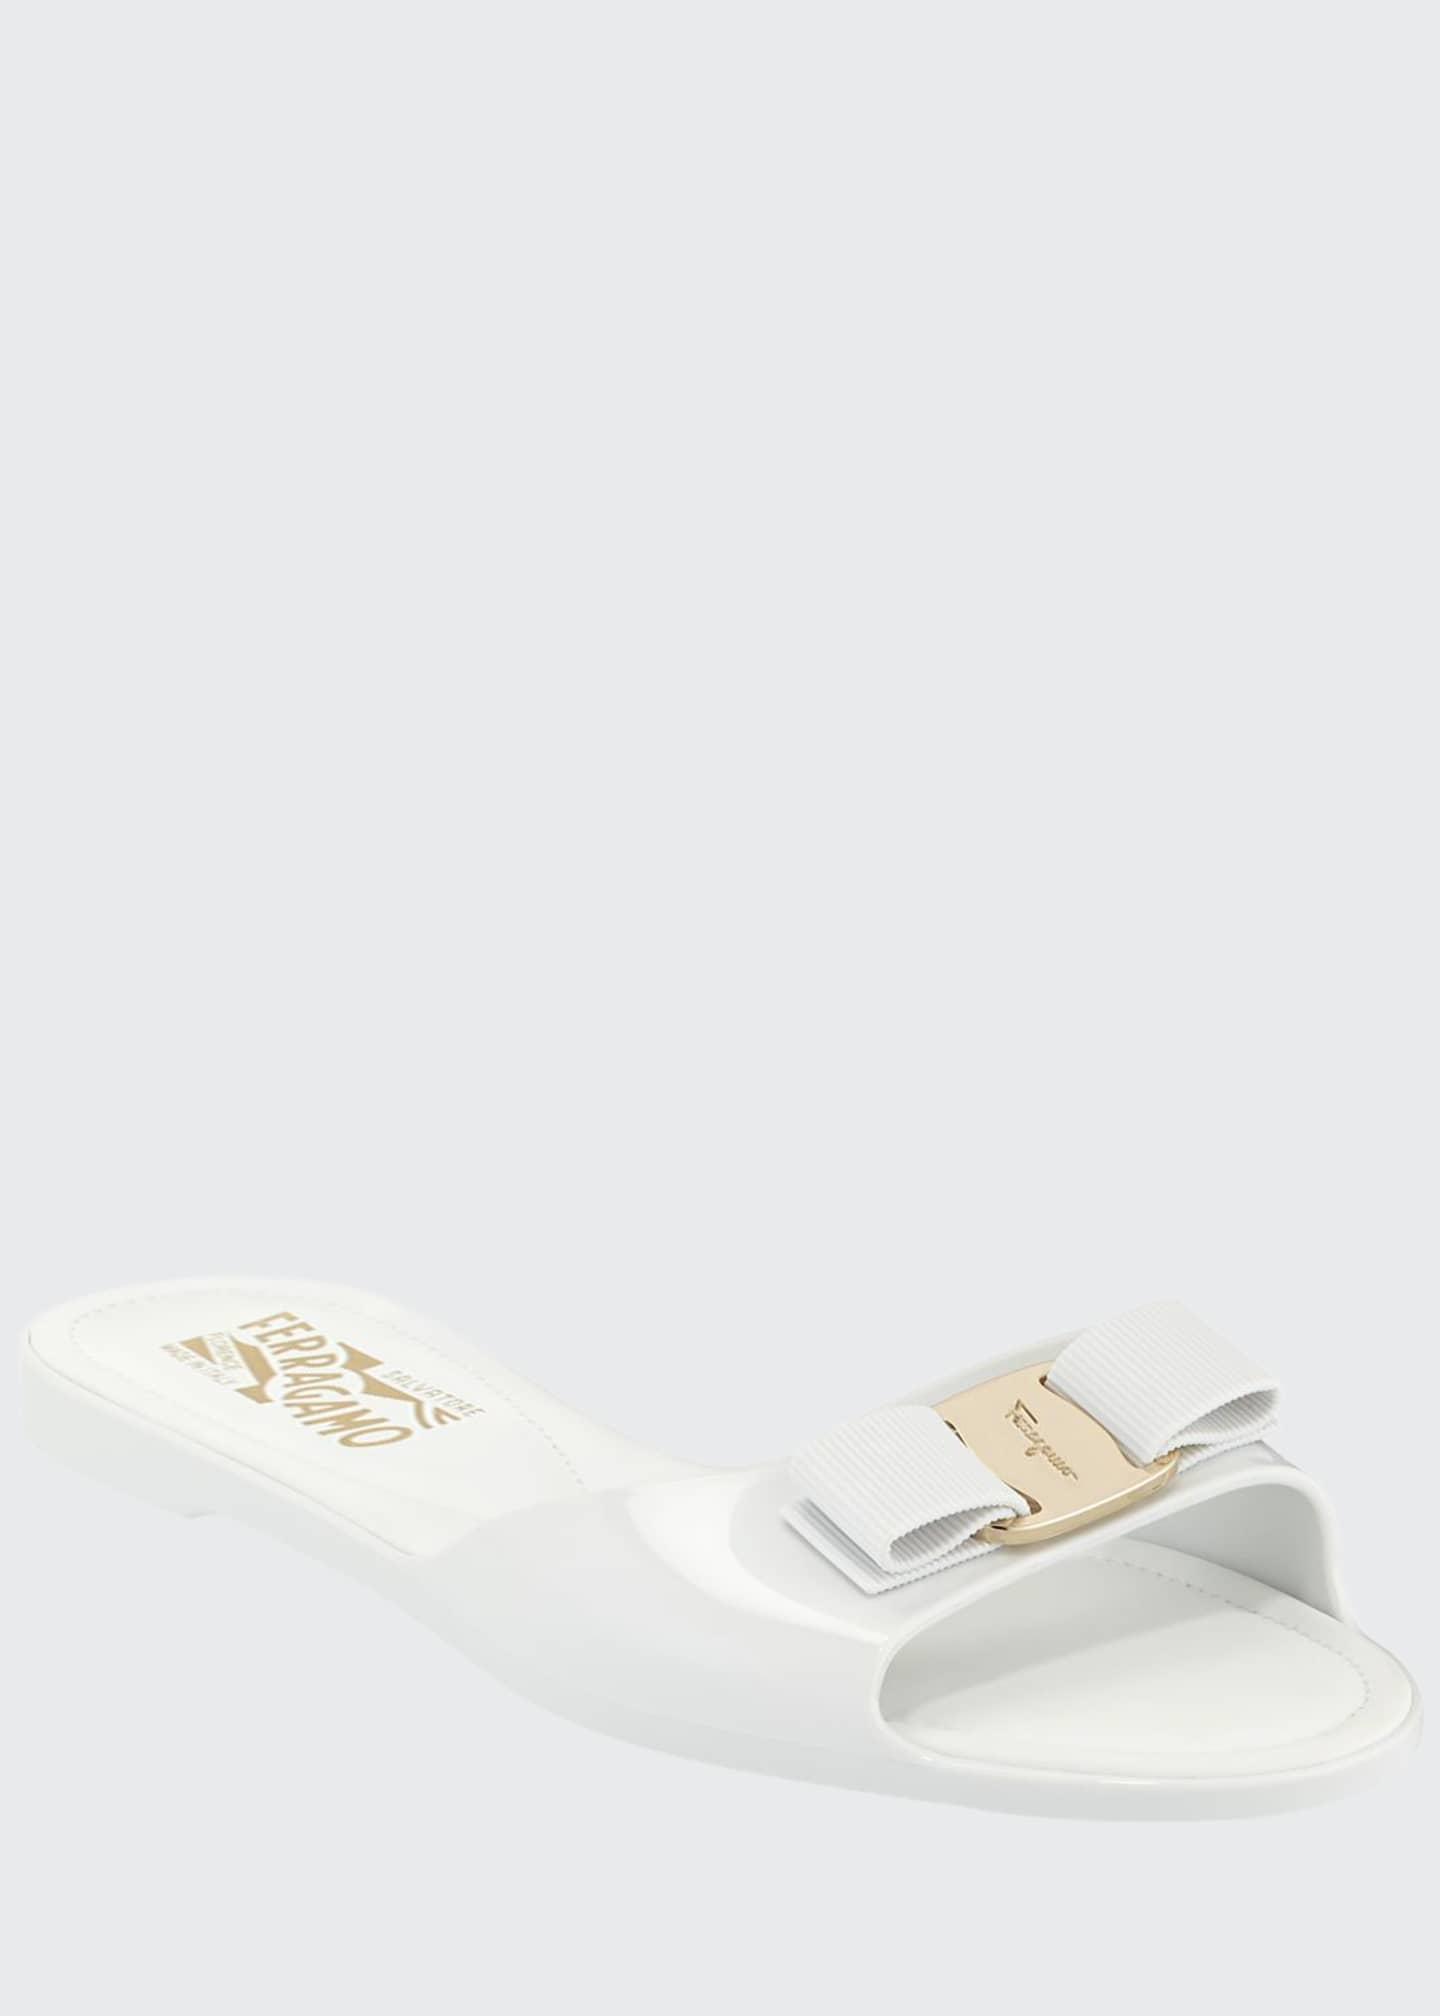 Salvatore Ferragamo Cirella Flat PVC Jelly Bow Slide